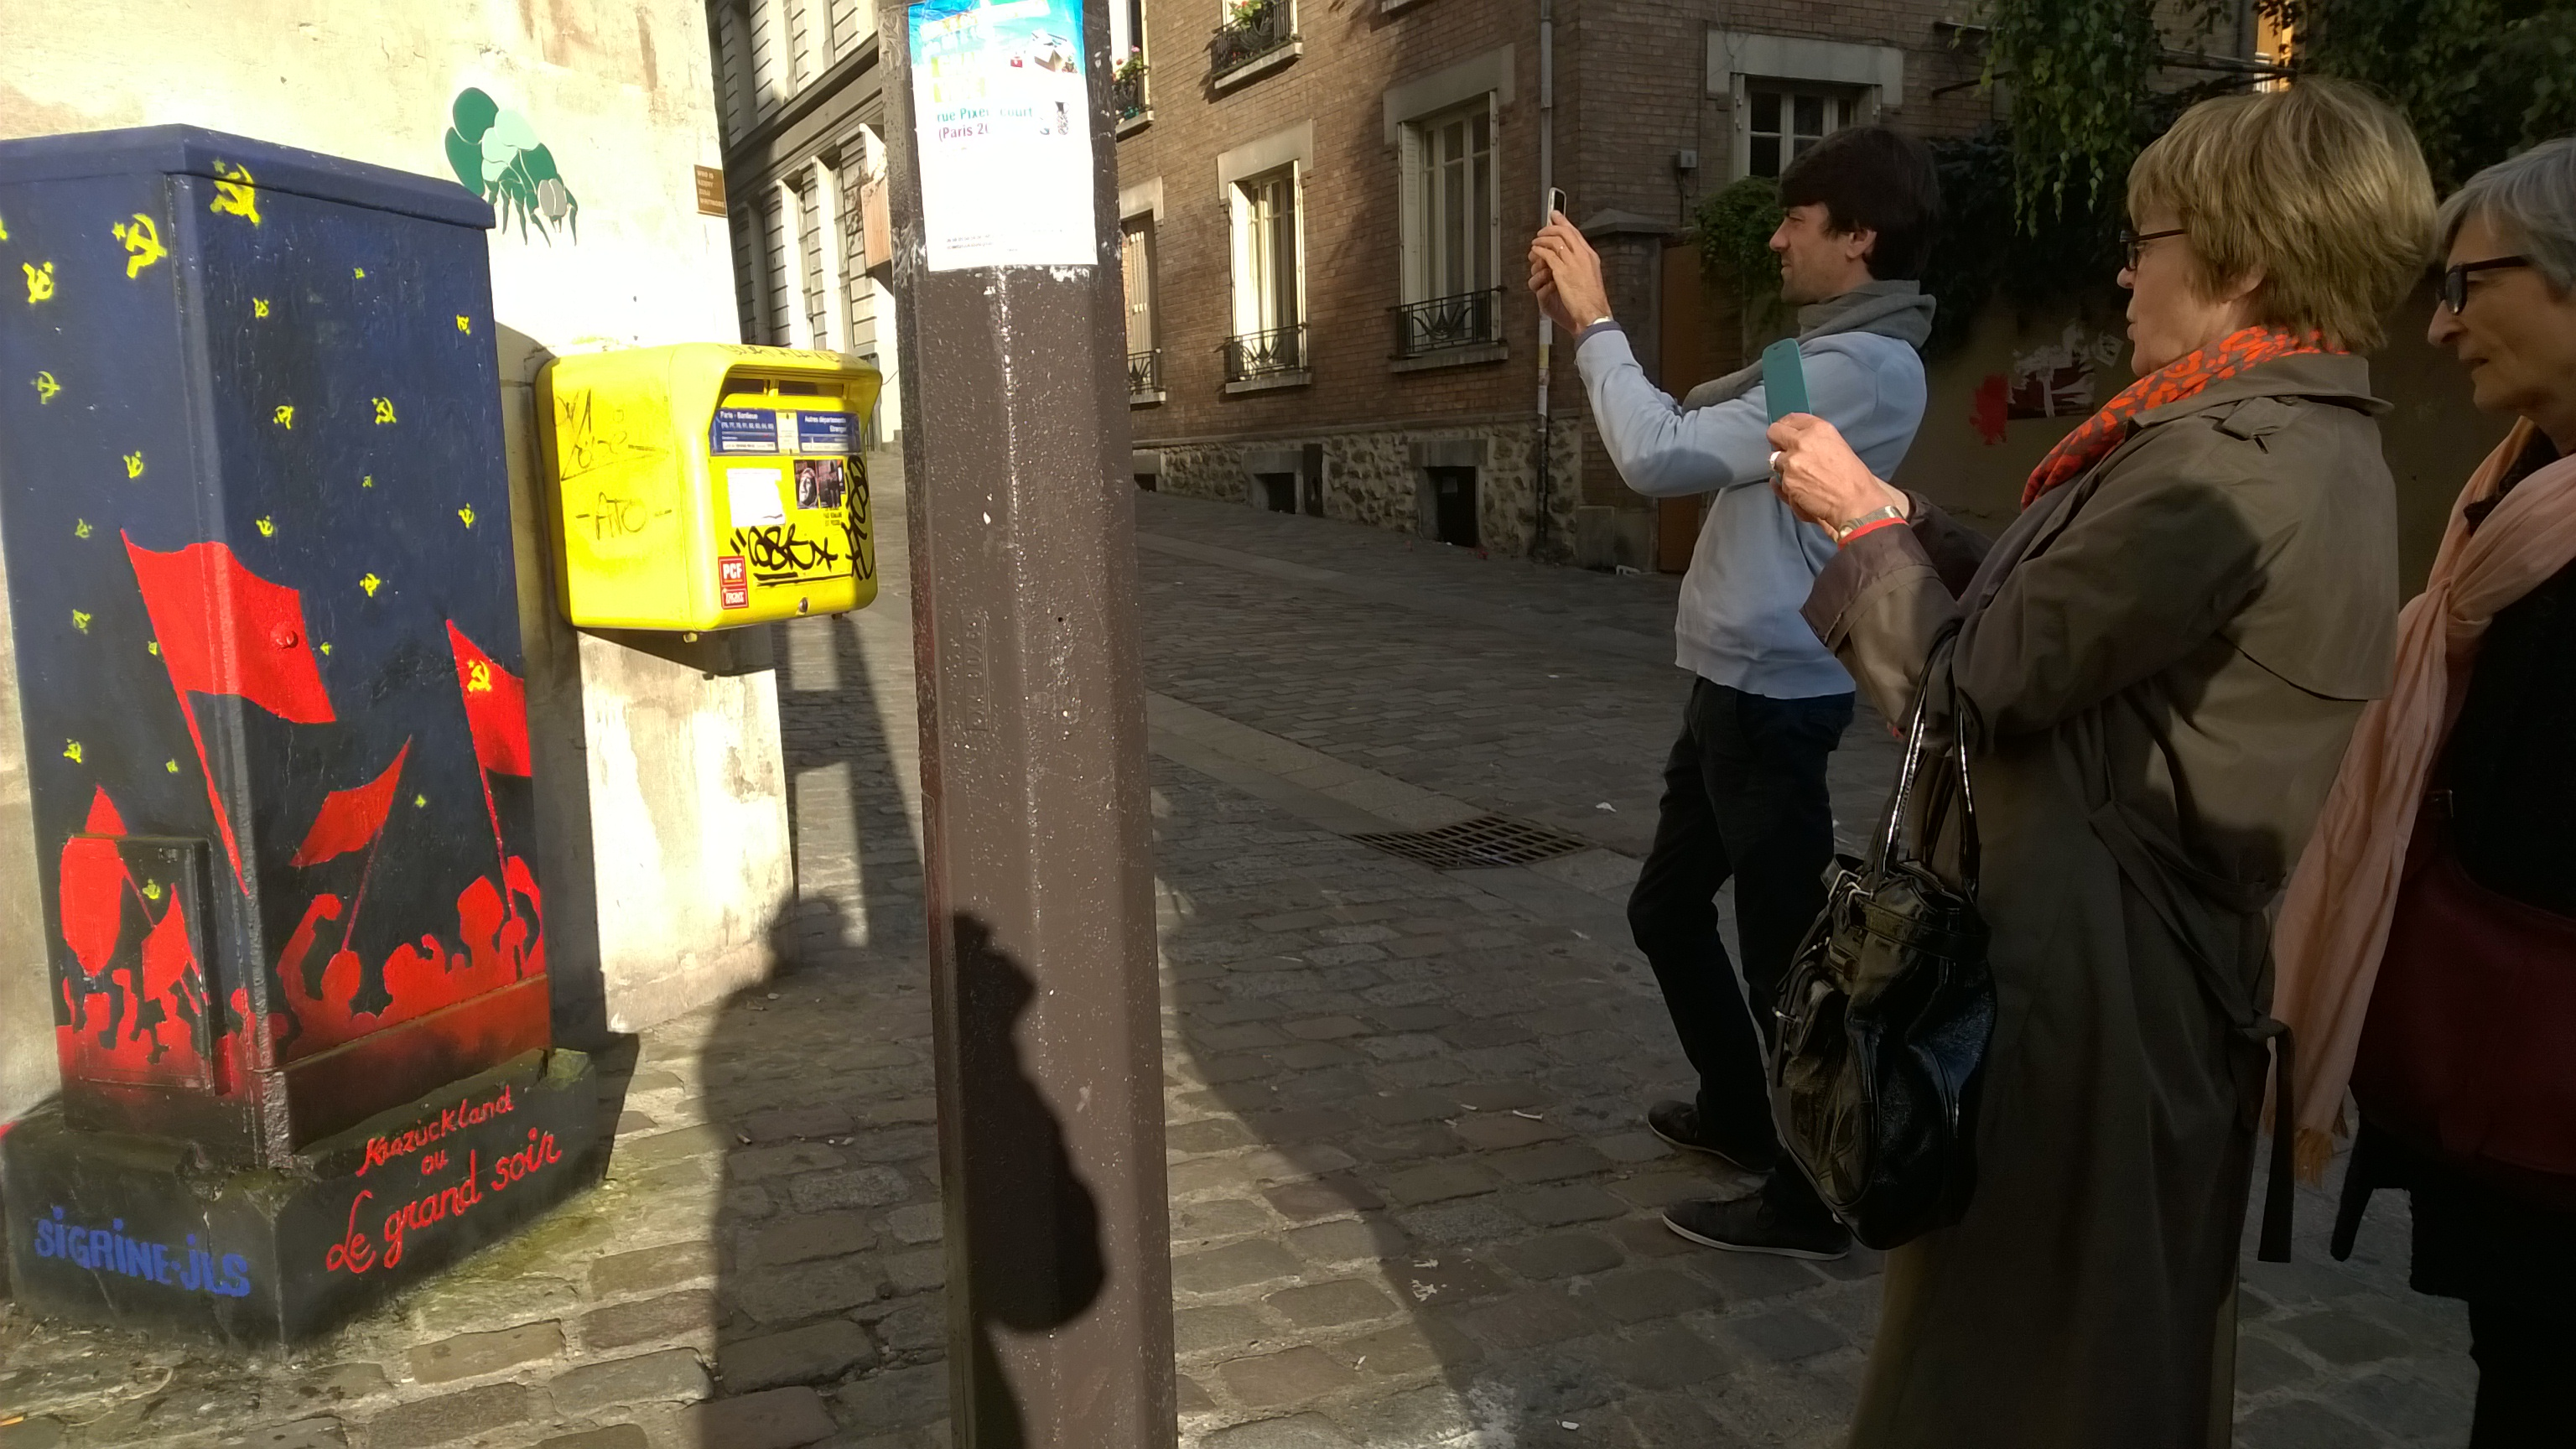 les parisiens prennent des photos